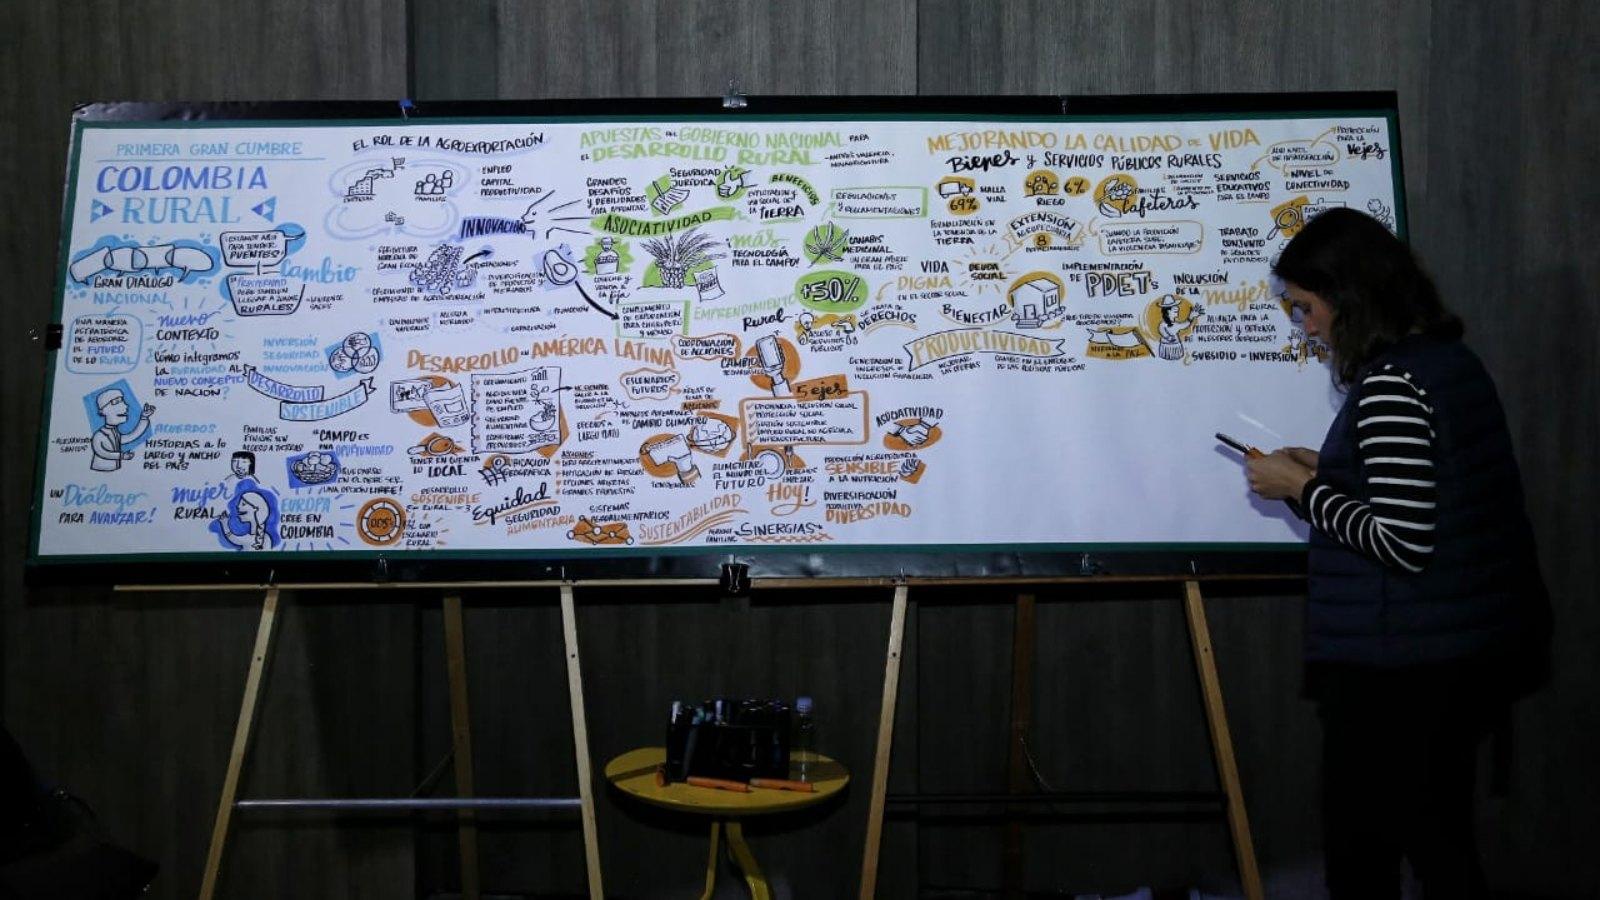 Observe el resumen gráfico de la primera Gran Cumbre Colombia Rural